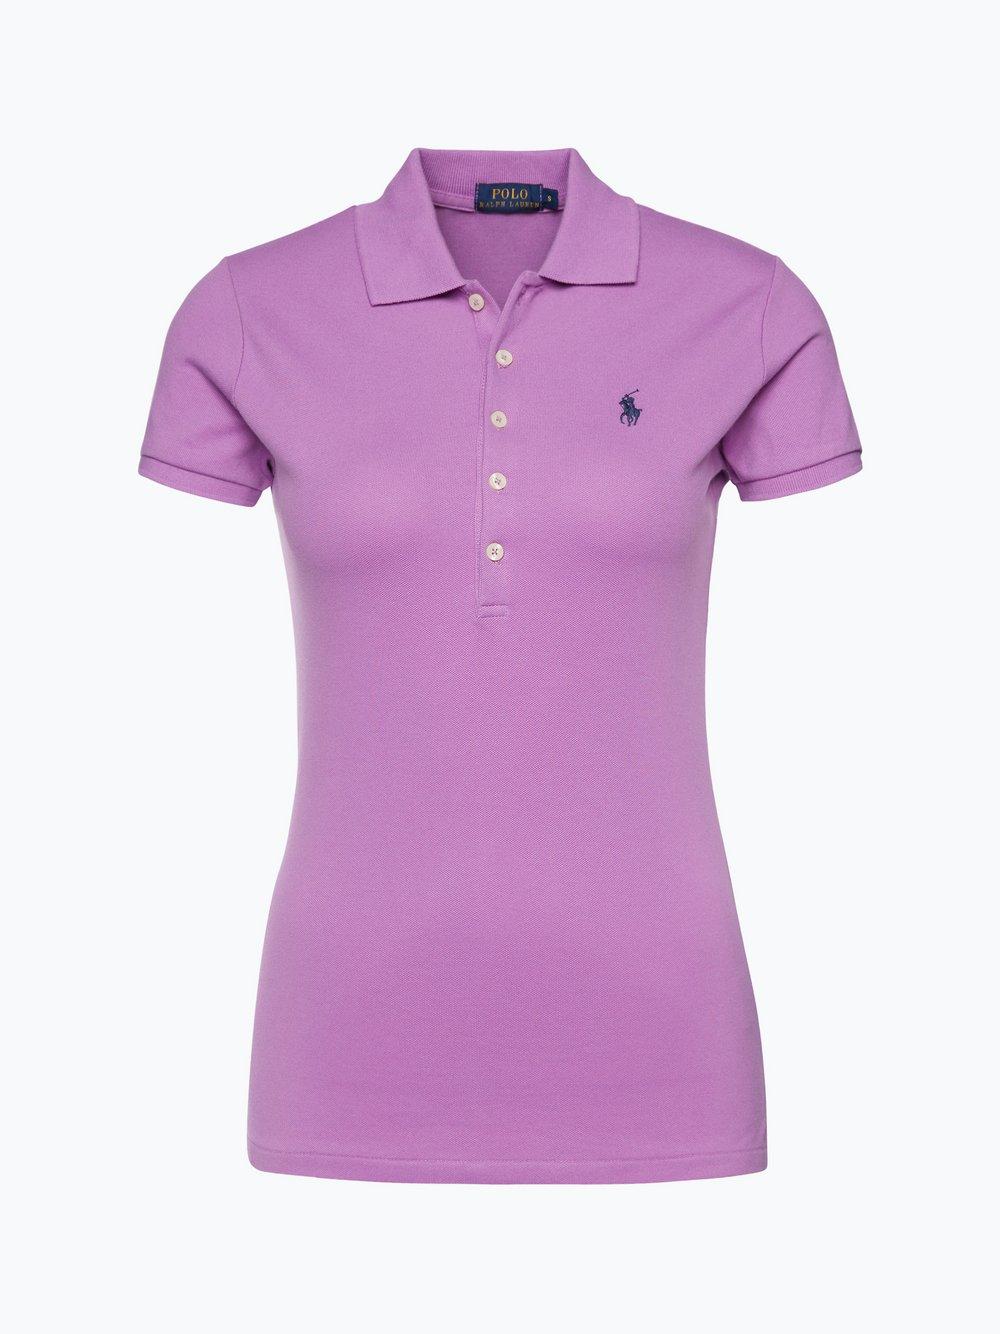 new product 583a1 cc0a9 Polo Ralph Lauren Damen Poloshirt online kaufen | VANGRAAF.COM